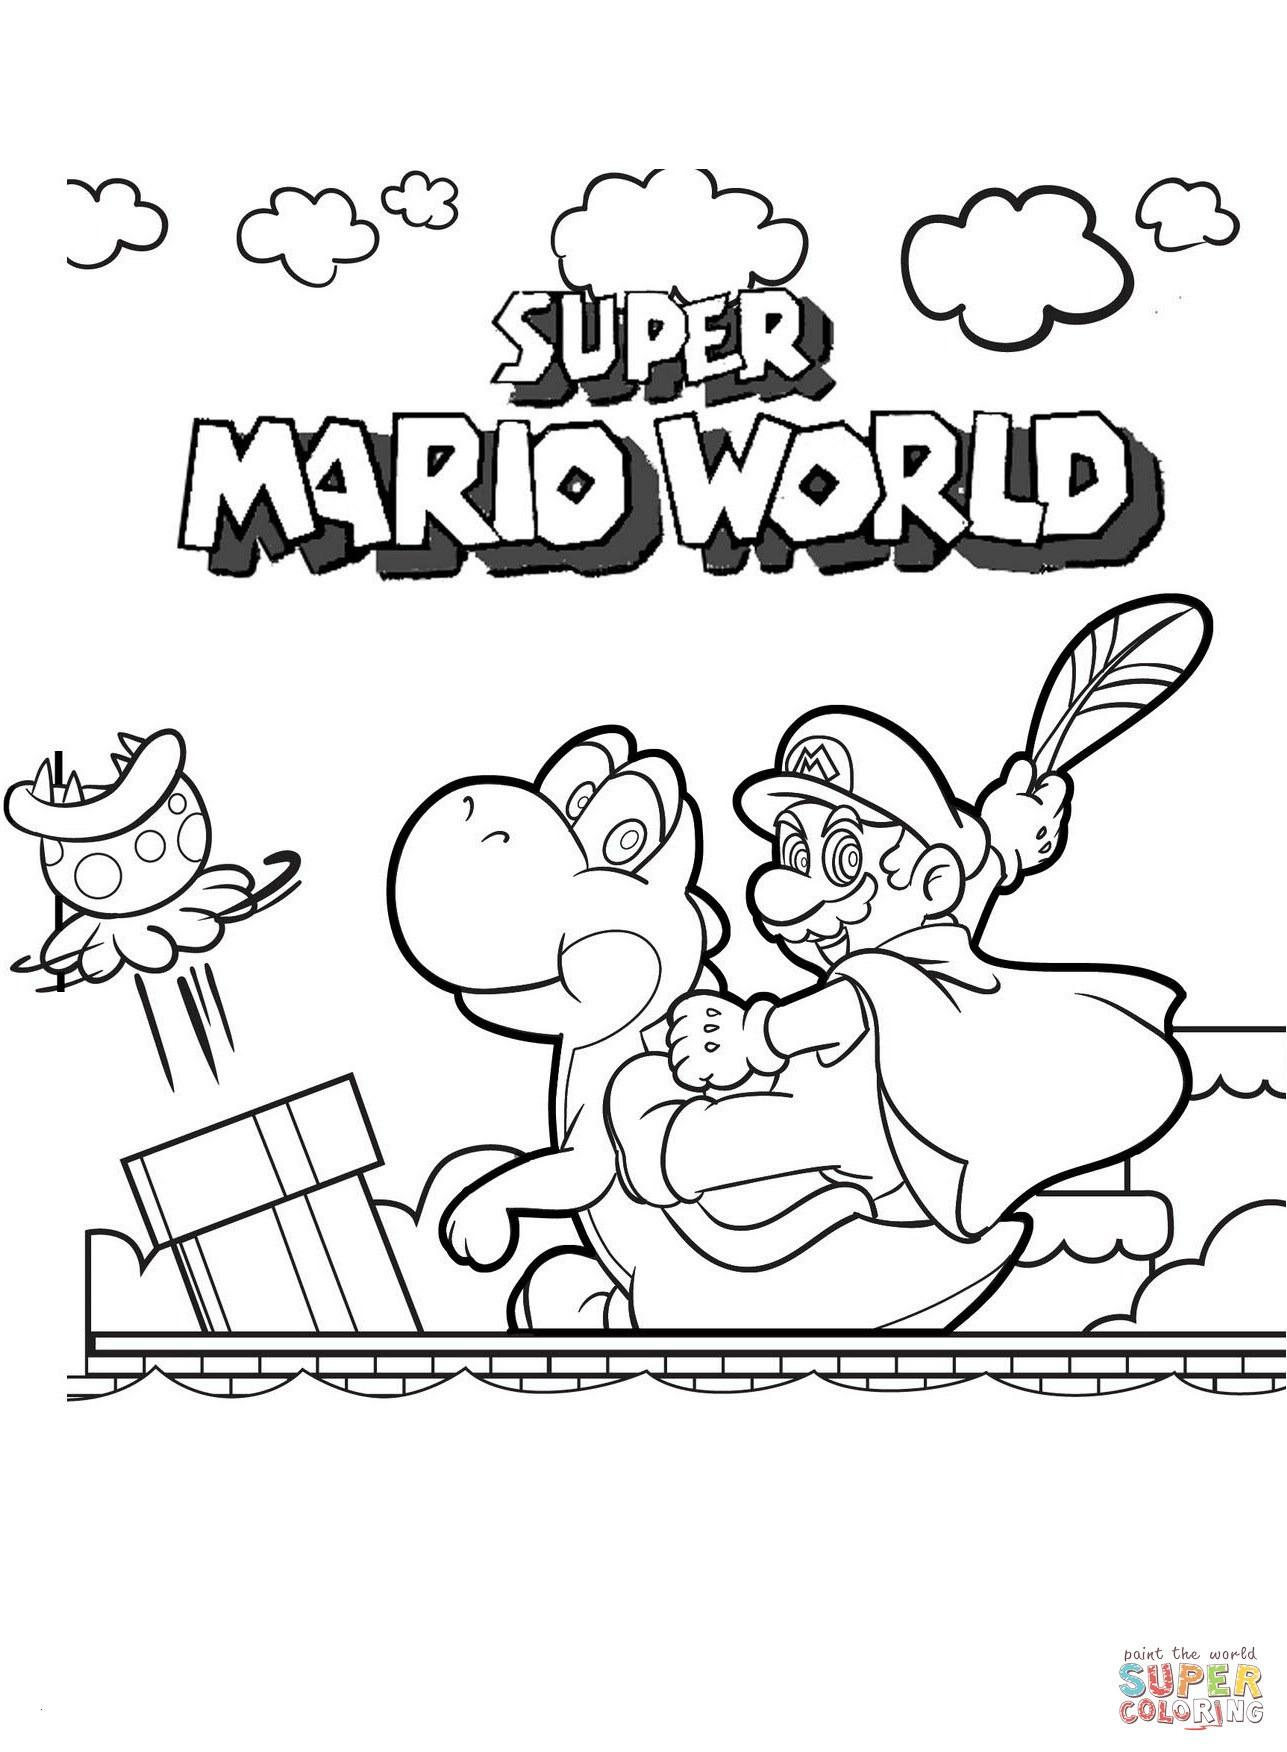 Super Mario Malvorlagen Einzigartig 37 Super Mario Kart Ausmalbilder Scoredatscore Inspirierend Super Sammlung